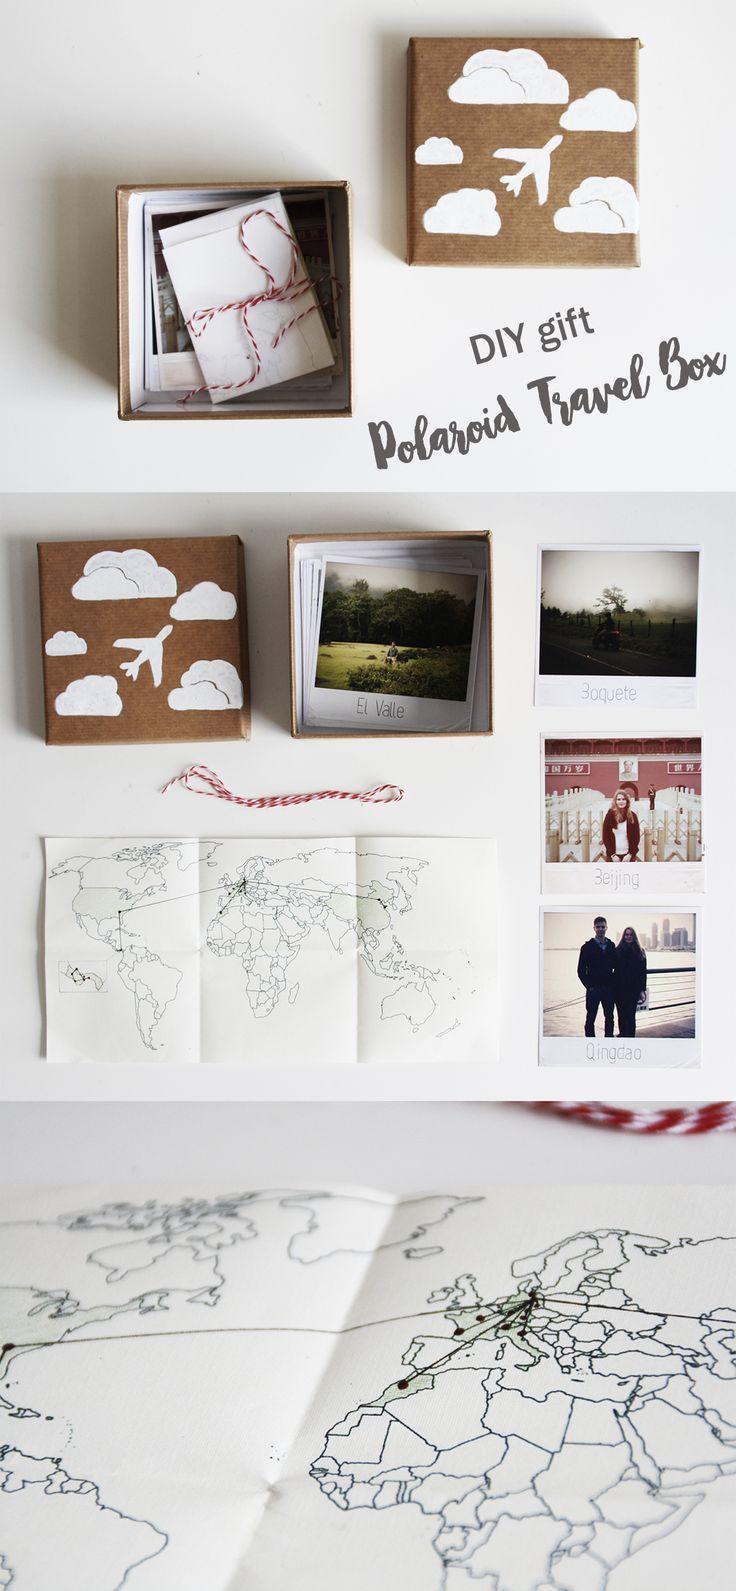 DIY Geschenk Polaroid Reise Kiste   Do it yourself gift idea travel box   Weltkarte   Geschenkidee   Valentinstag   Valentines Day   Partner   Liebe   Foto   Vintage   Verreisen   Geschenke basteln   travel journal   crafting   photo   Anleitung   Tutorial